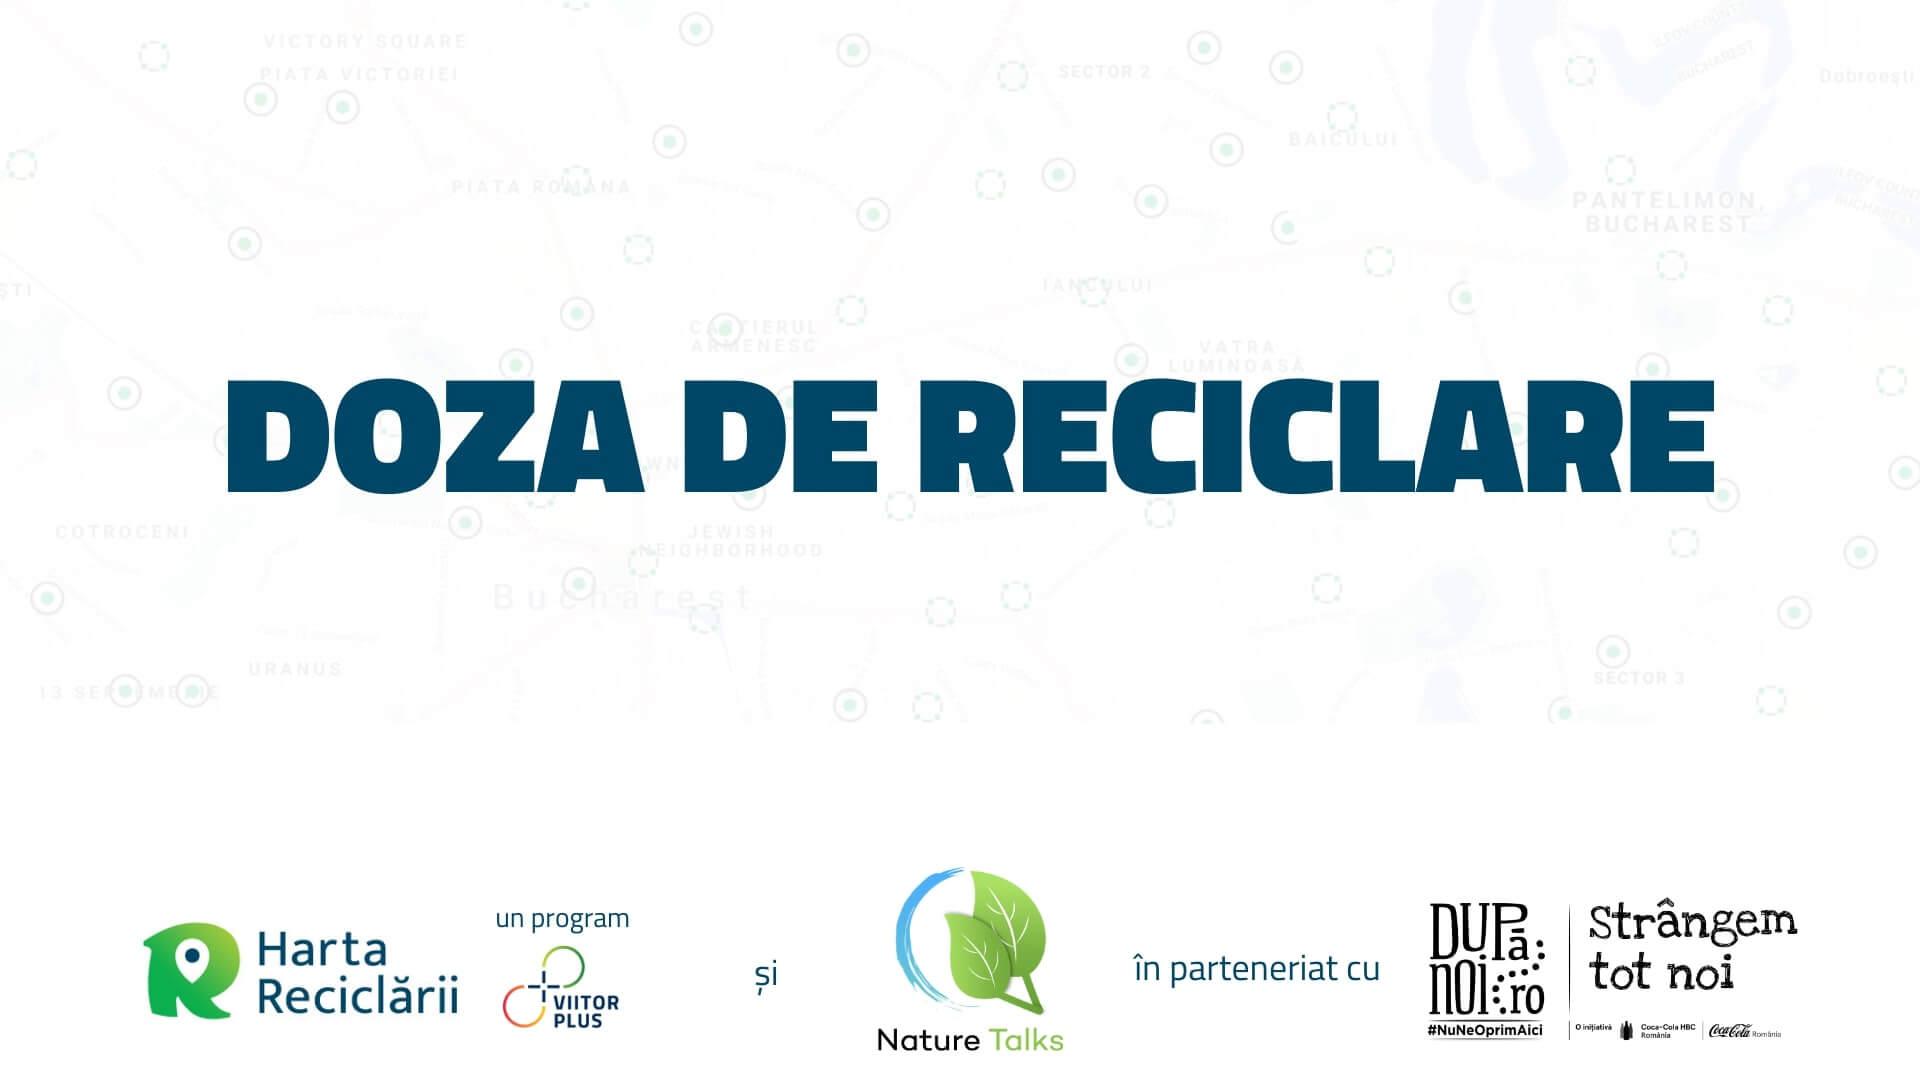 Doza de reciclare